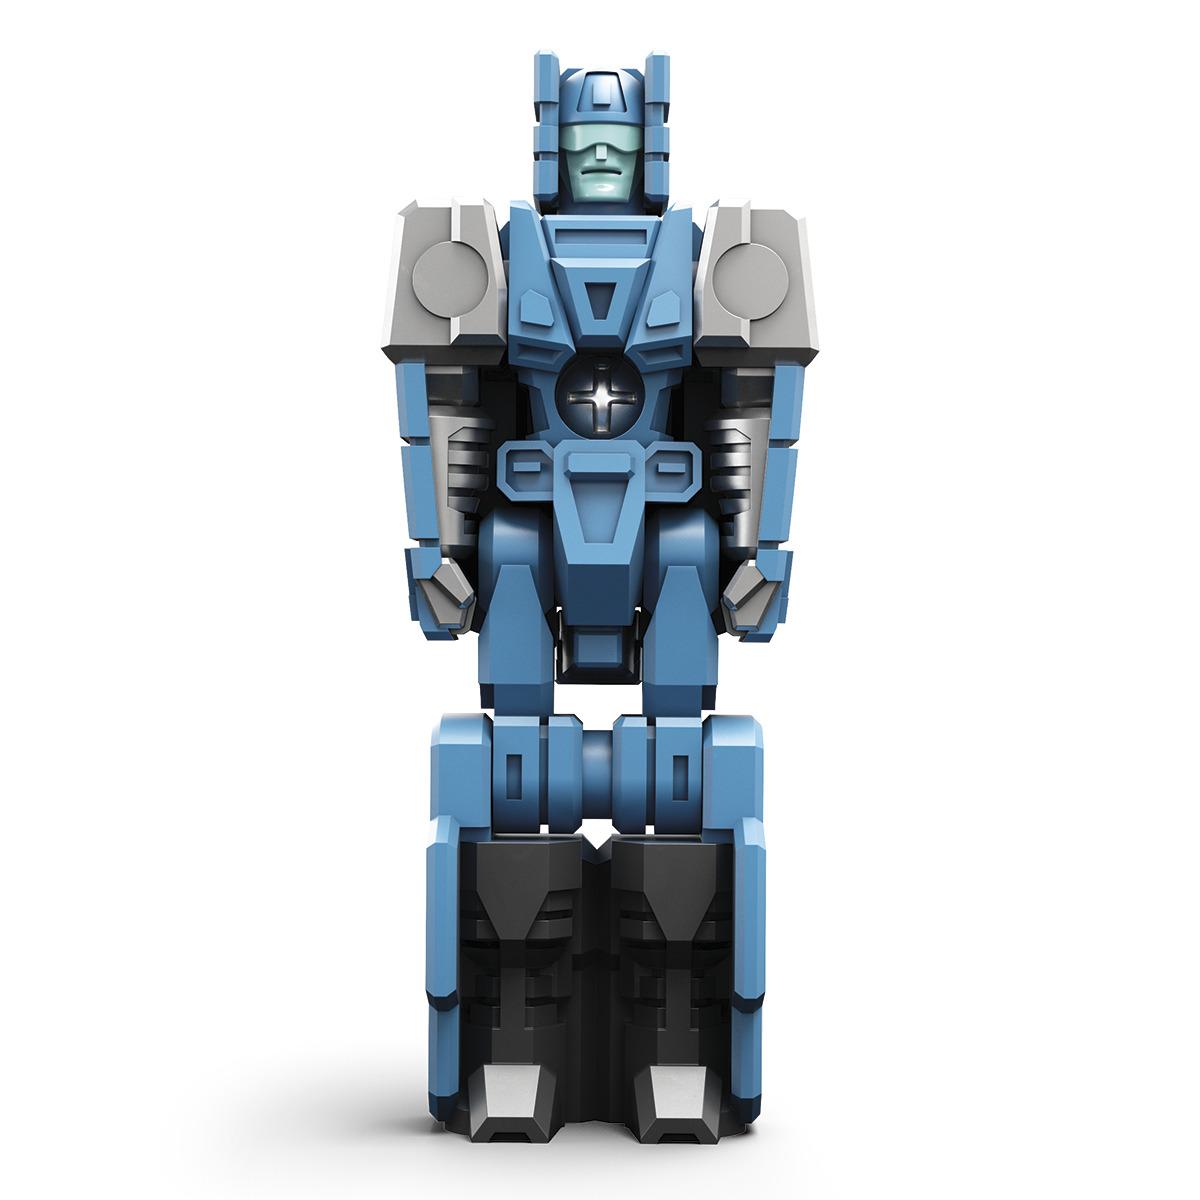 Blurr Minifig Robot